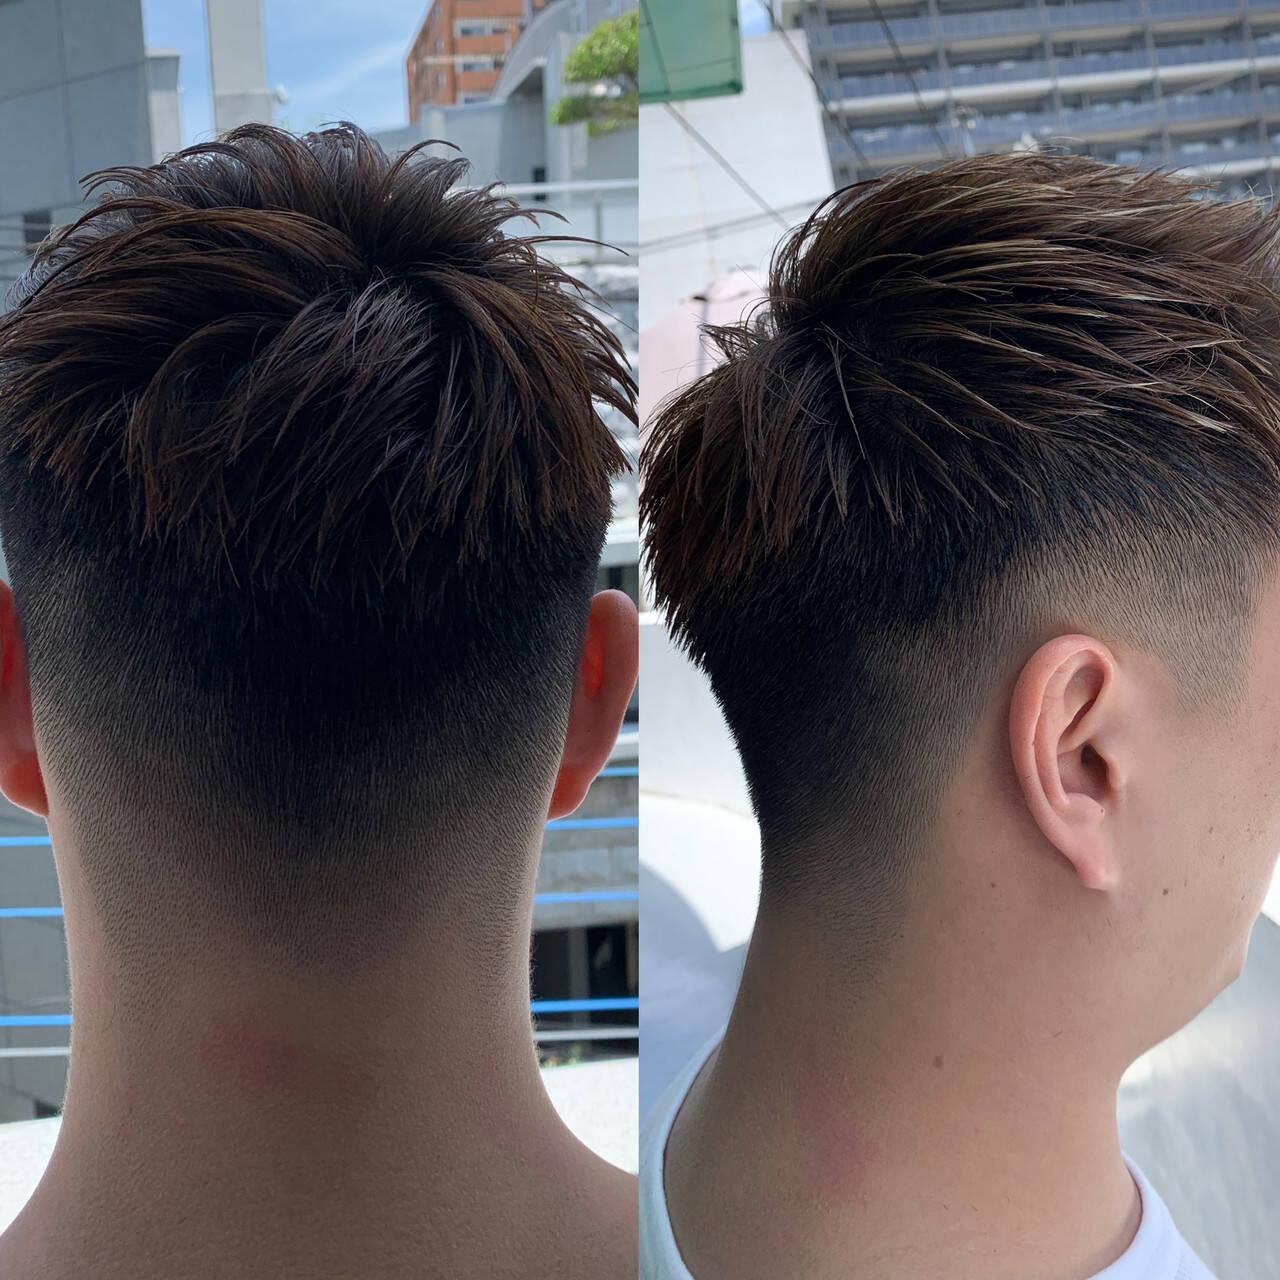 メンズヘア フェードカット アウトドア ストリートヘアスタイルや髪型の写真・画像